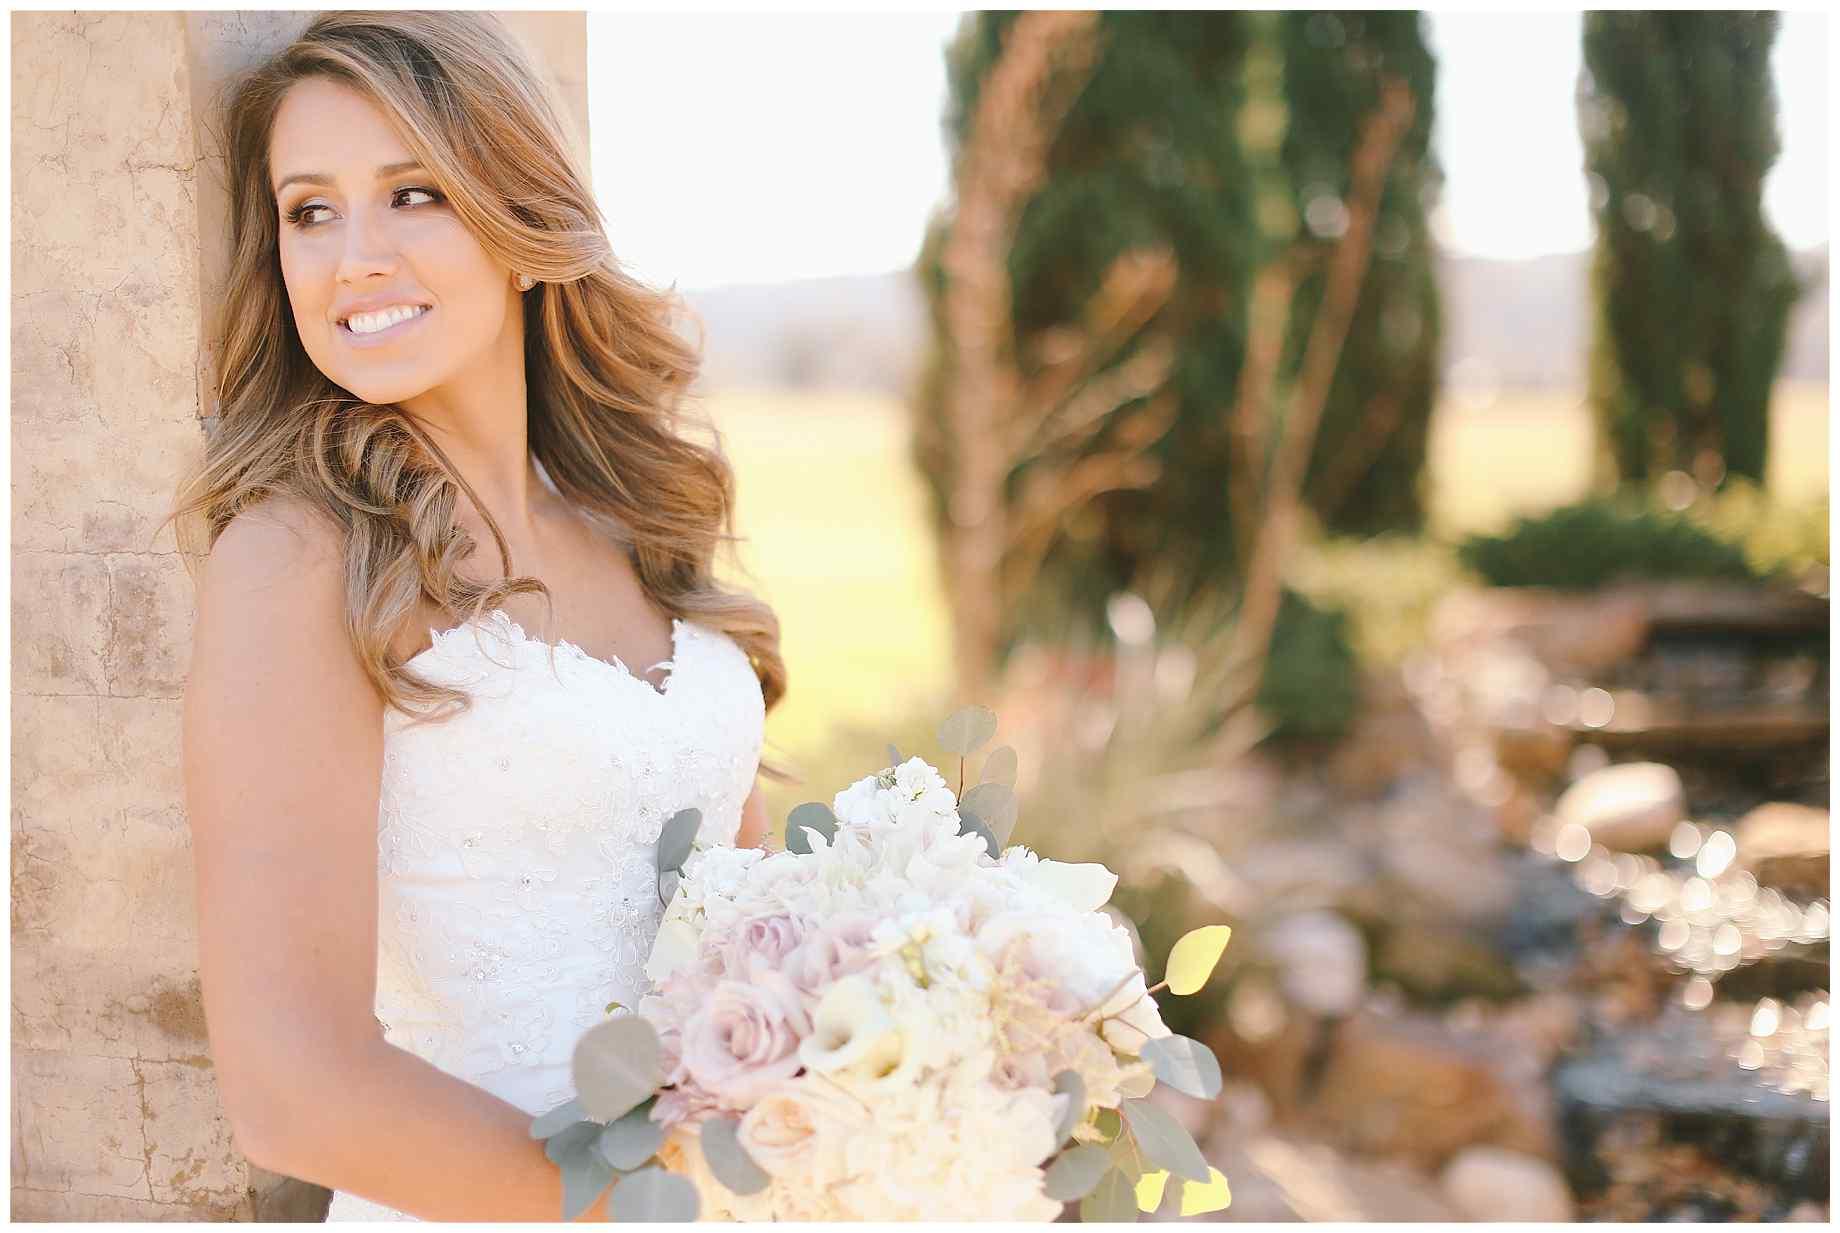 top-10-bridal-photos-of-2015-010